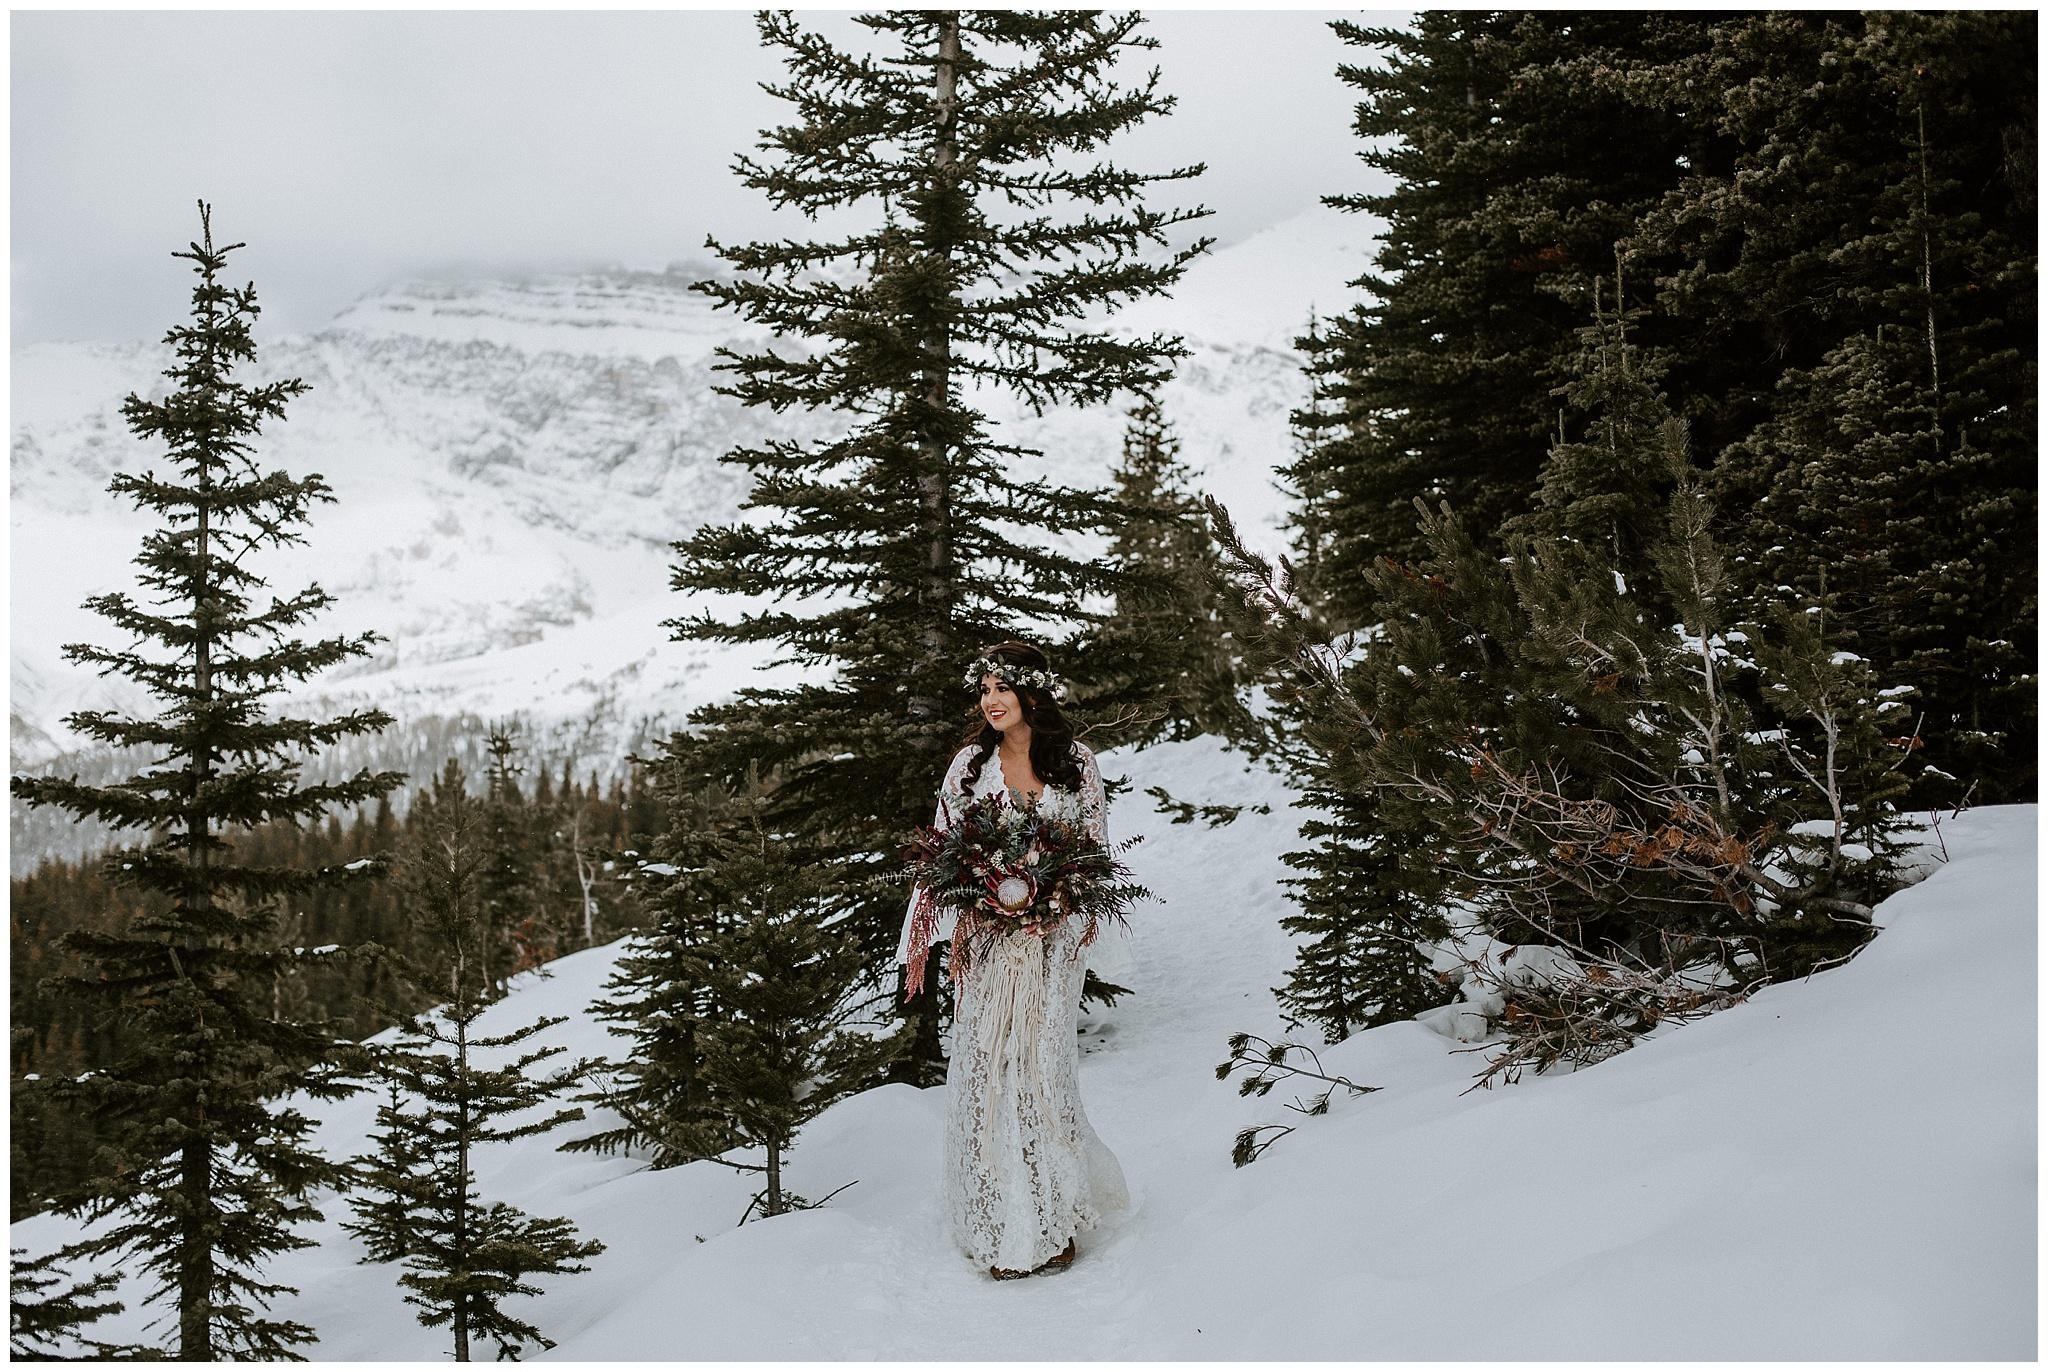 peyto-lake-wedding-photos-09.JPG